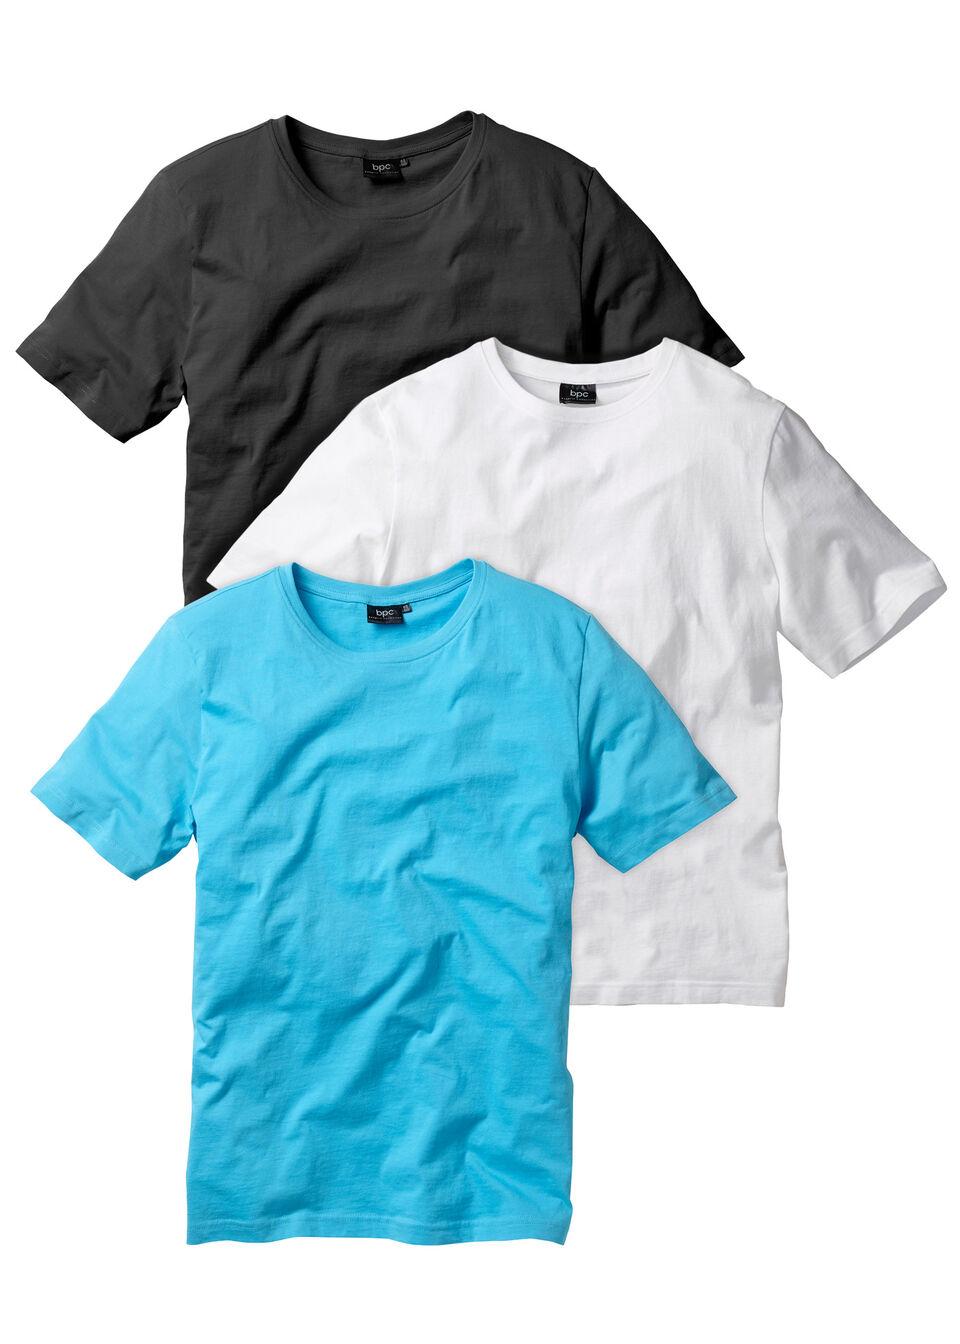 T-shirt (3 szt.) bonprix biały + turkusowy + czarny